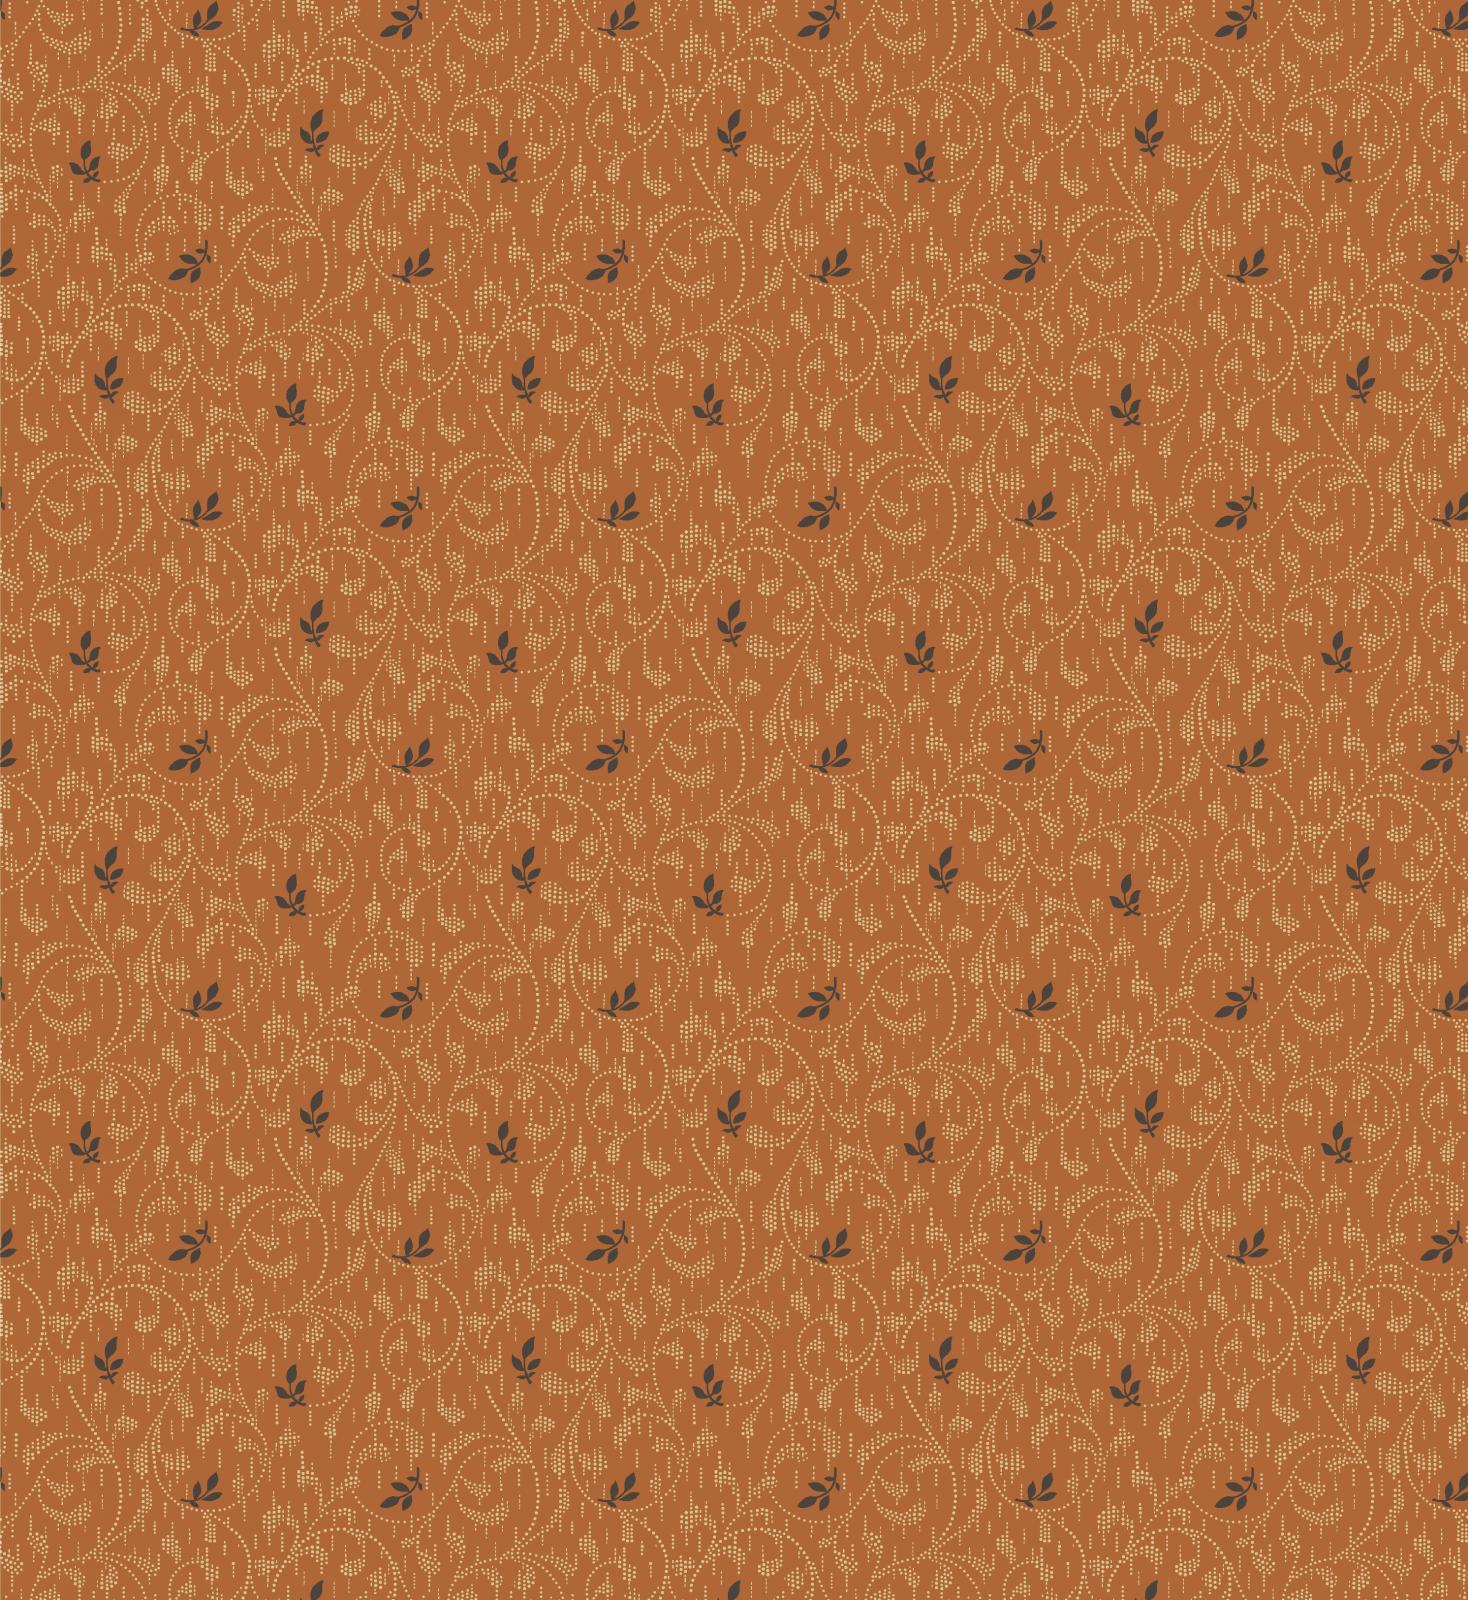 Garden Getaway Fabric 2 (30901 0129)